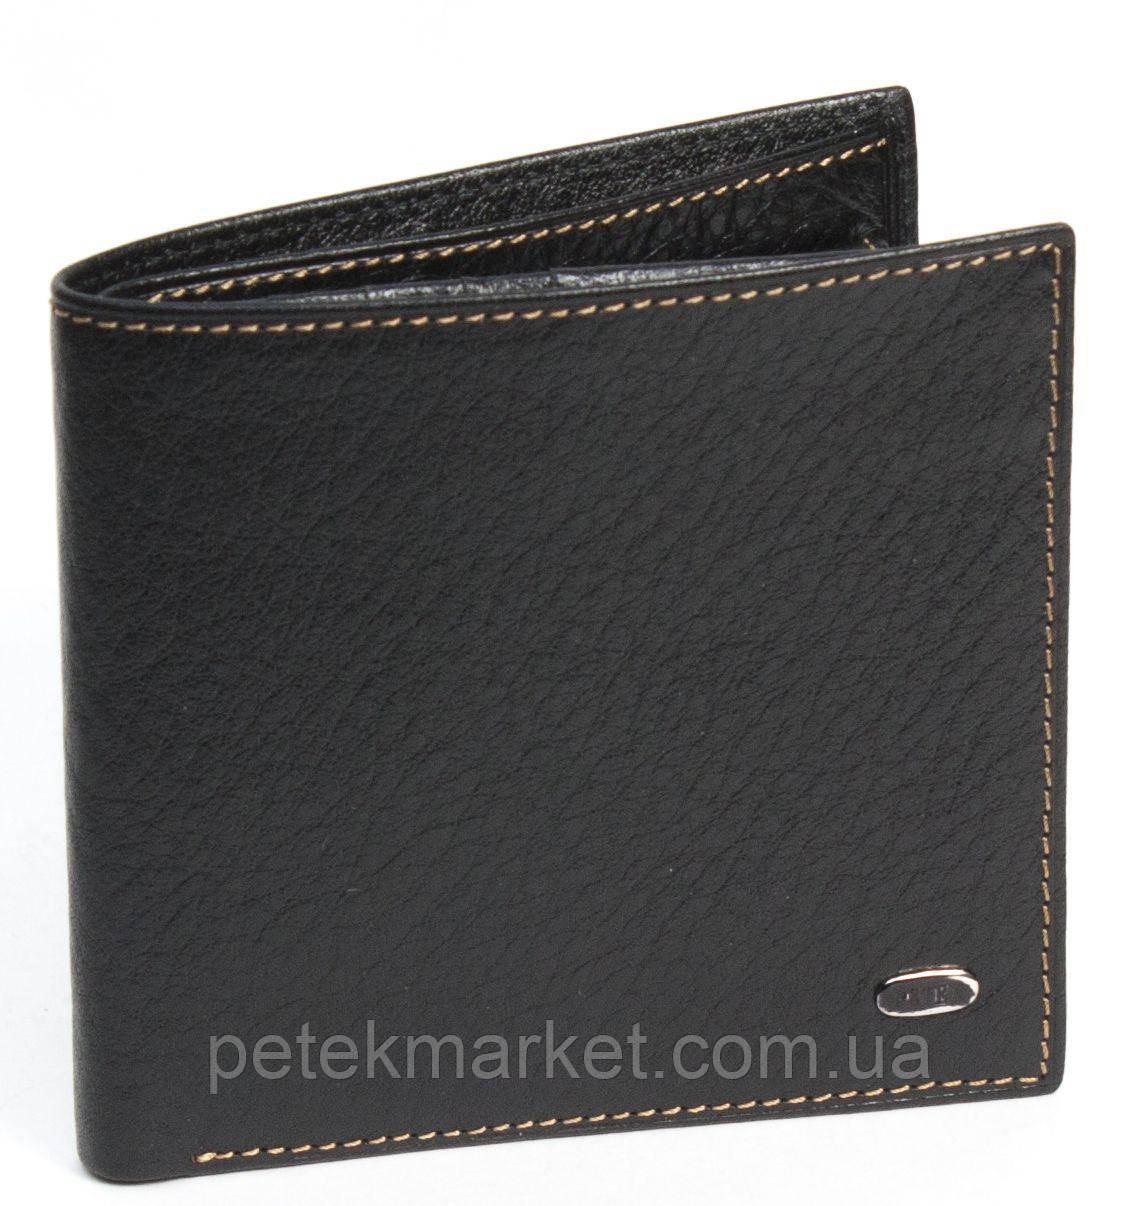 Кожаное мужское портмоне Petek 121-46B-KD1